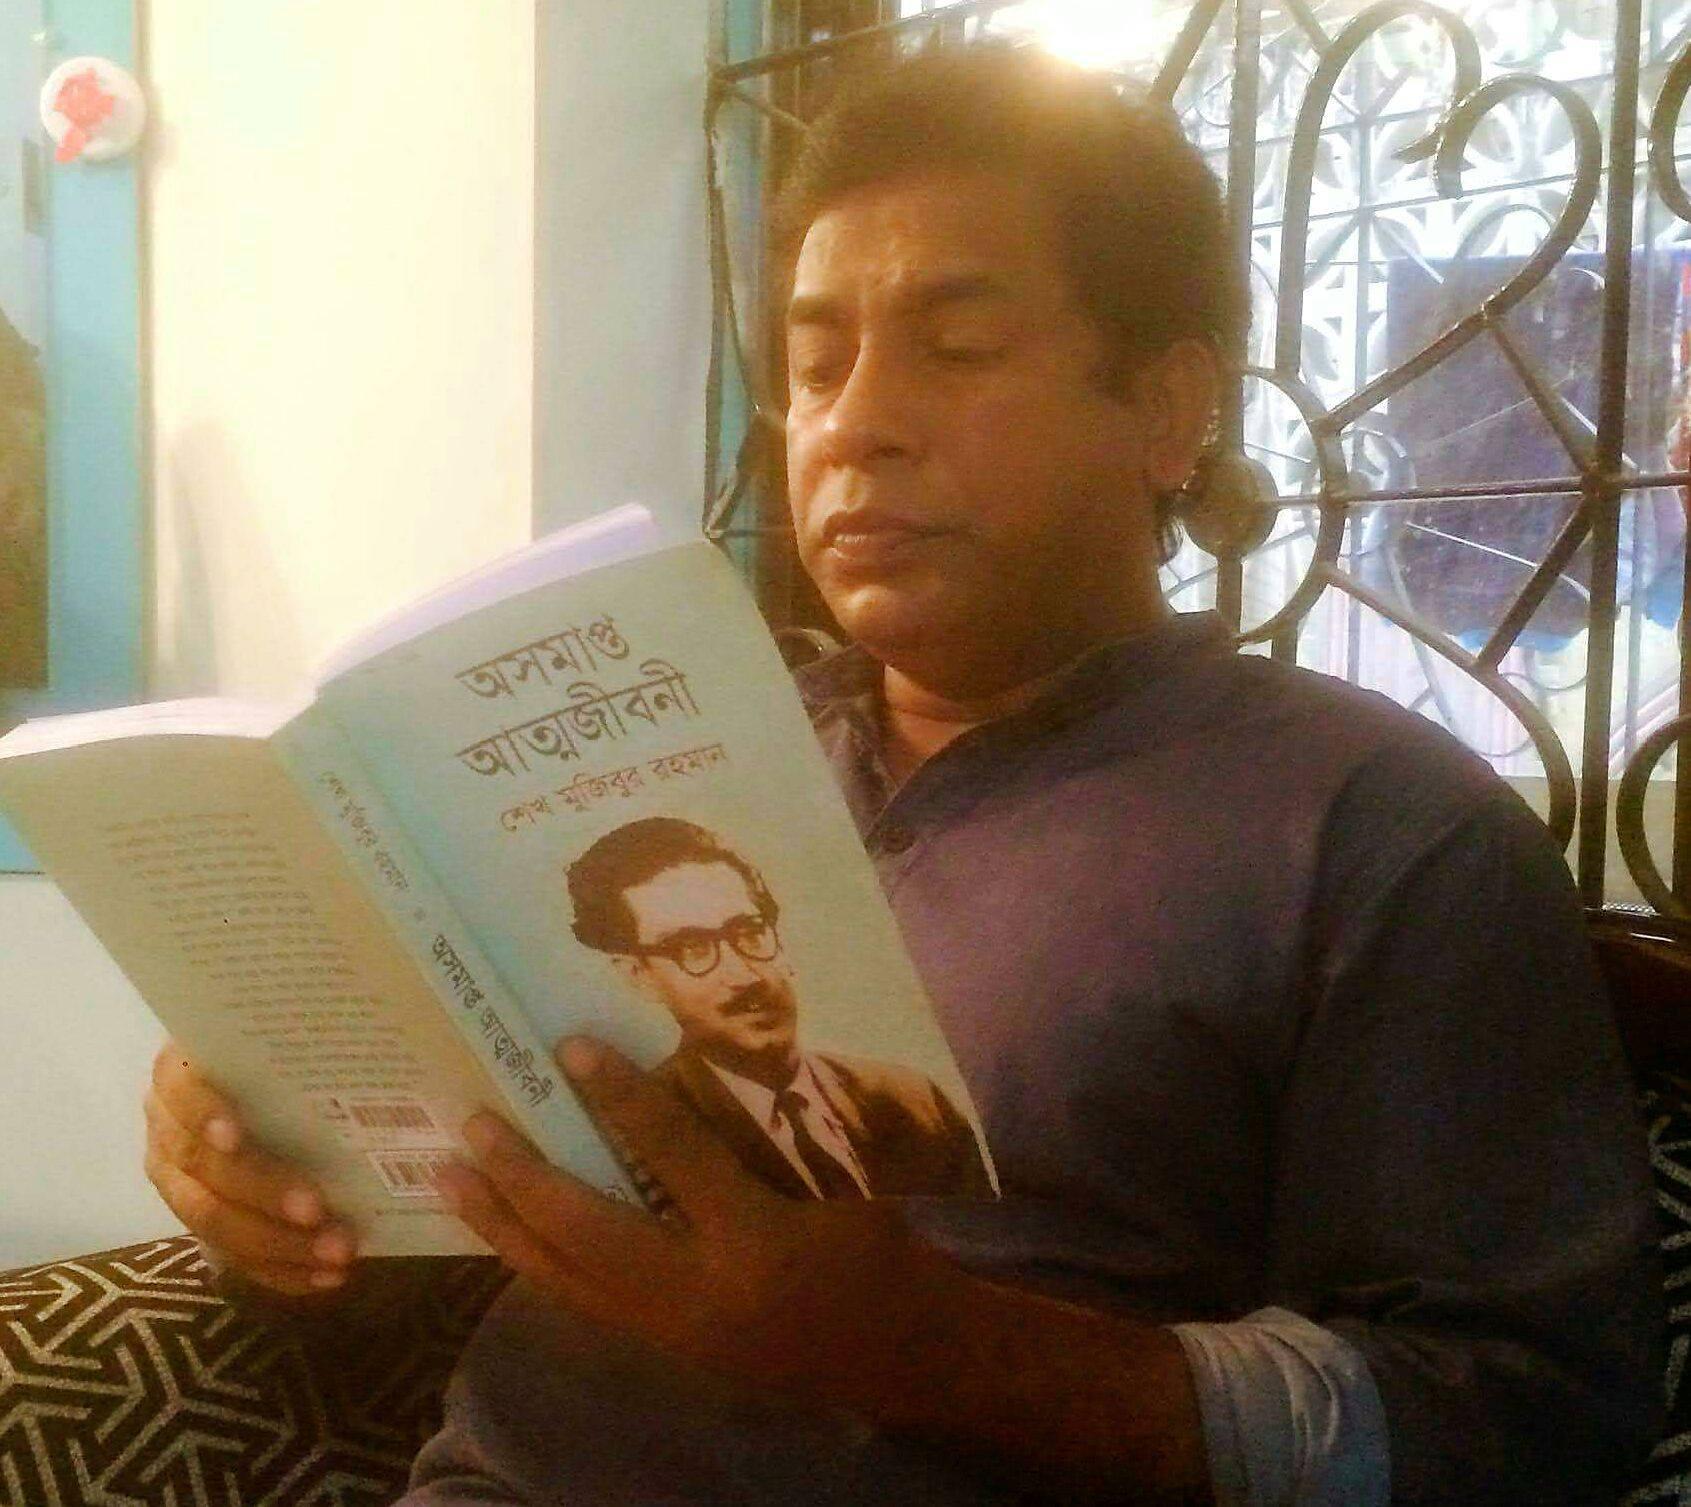 জনপ্রিয় অভিনেতা মোশাররফ করিম